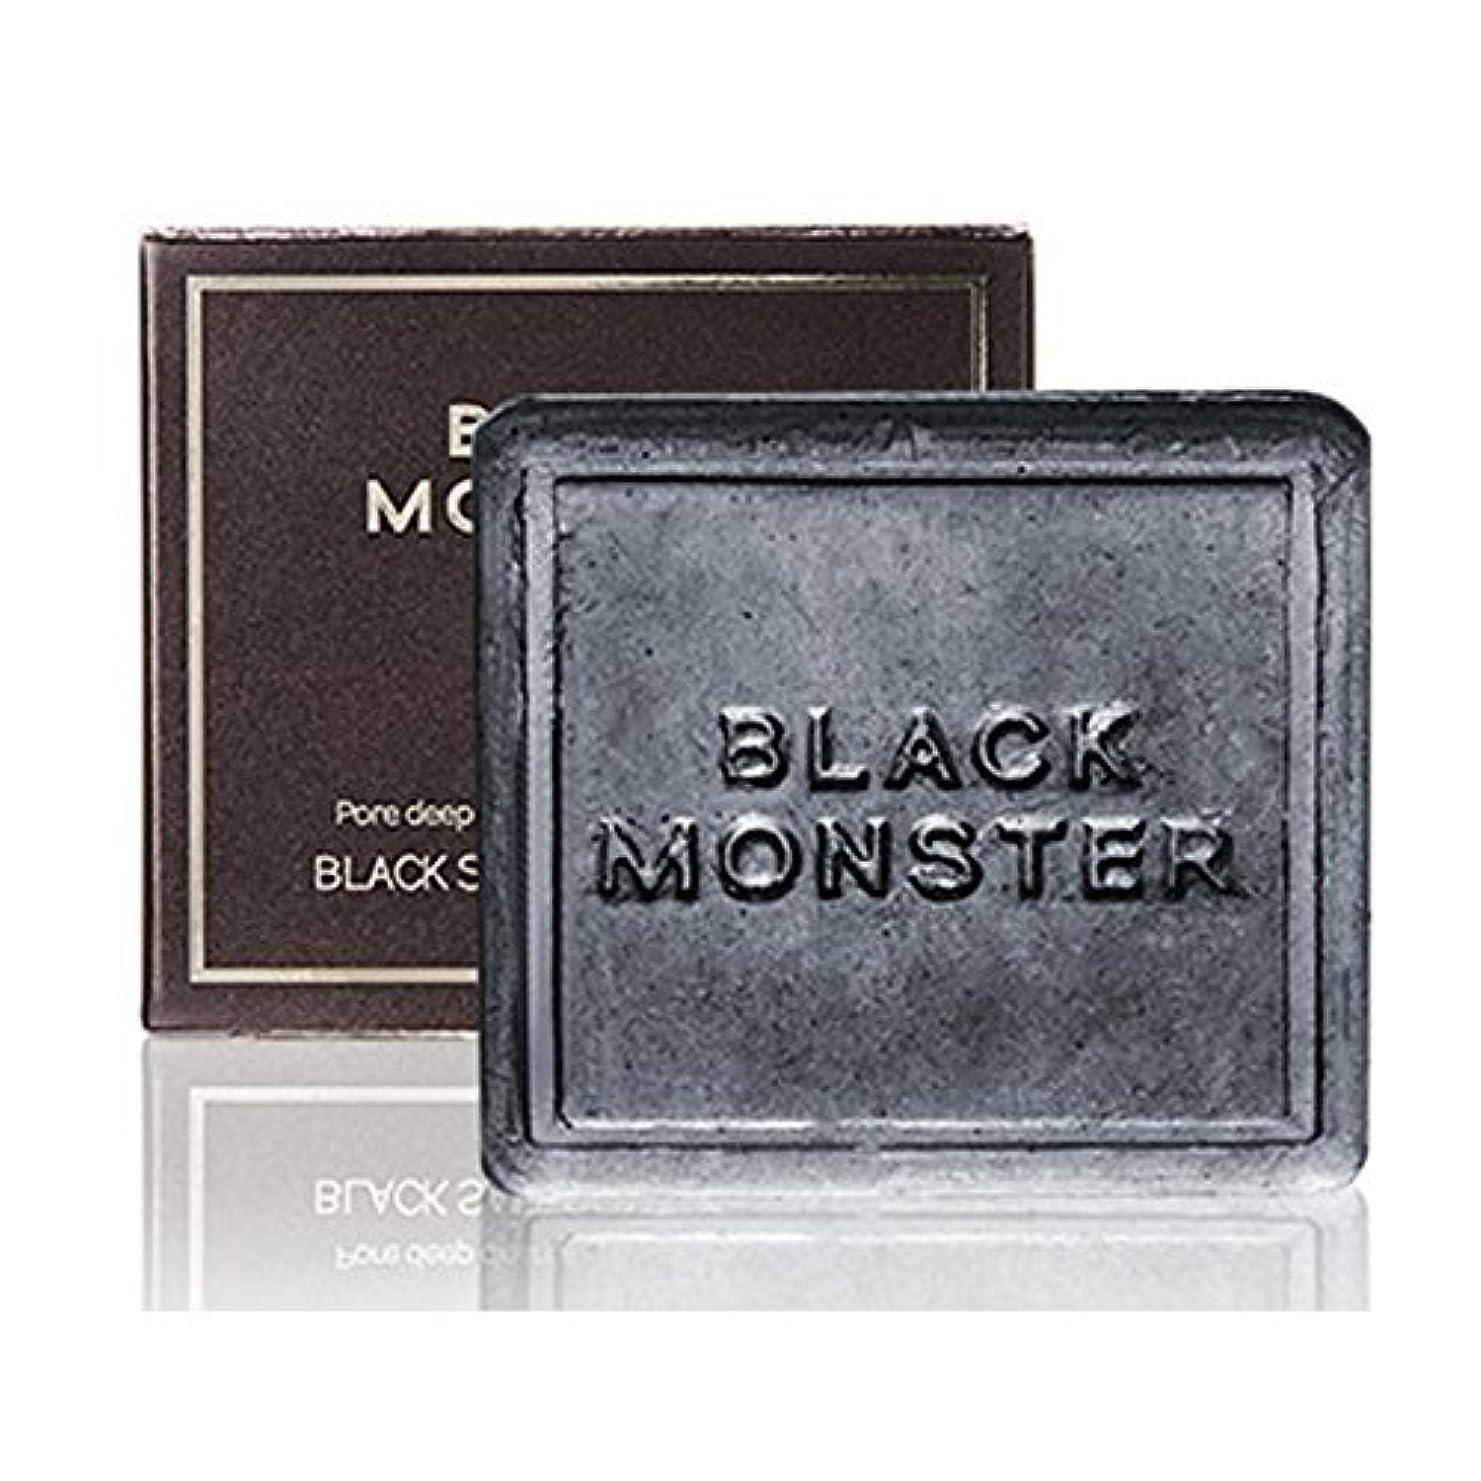 お願いしますギャング社説[ブレンクTV] blanktv Black Monster ブラックソルトコントロールバー 120g 海外直送品 black salt control bar [並行輸入品]